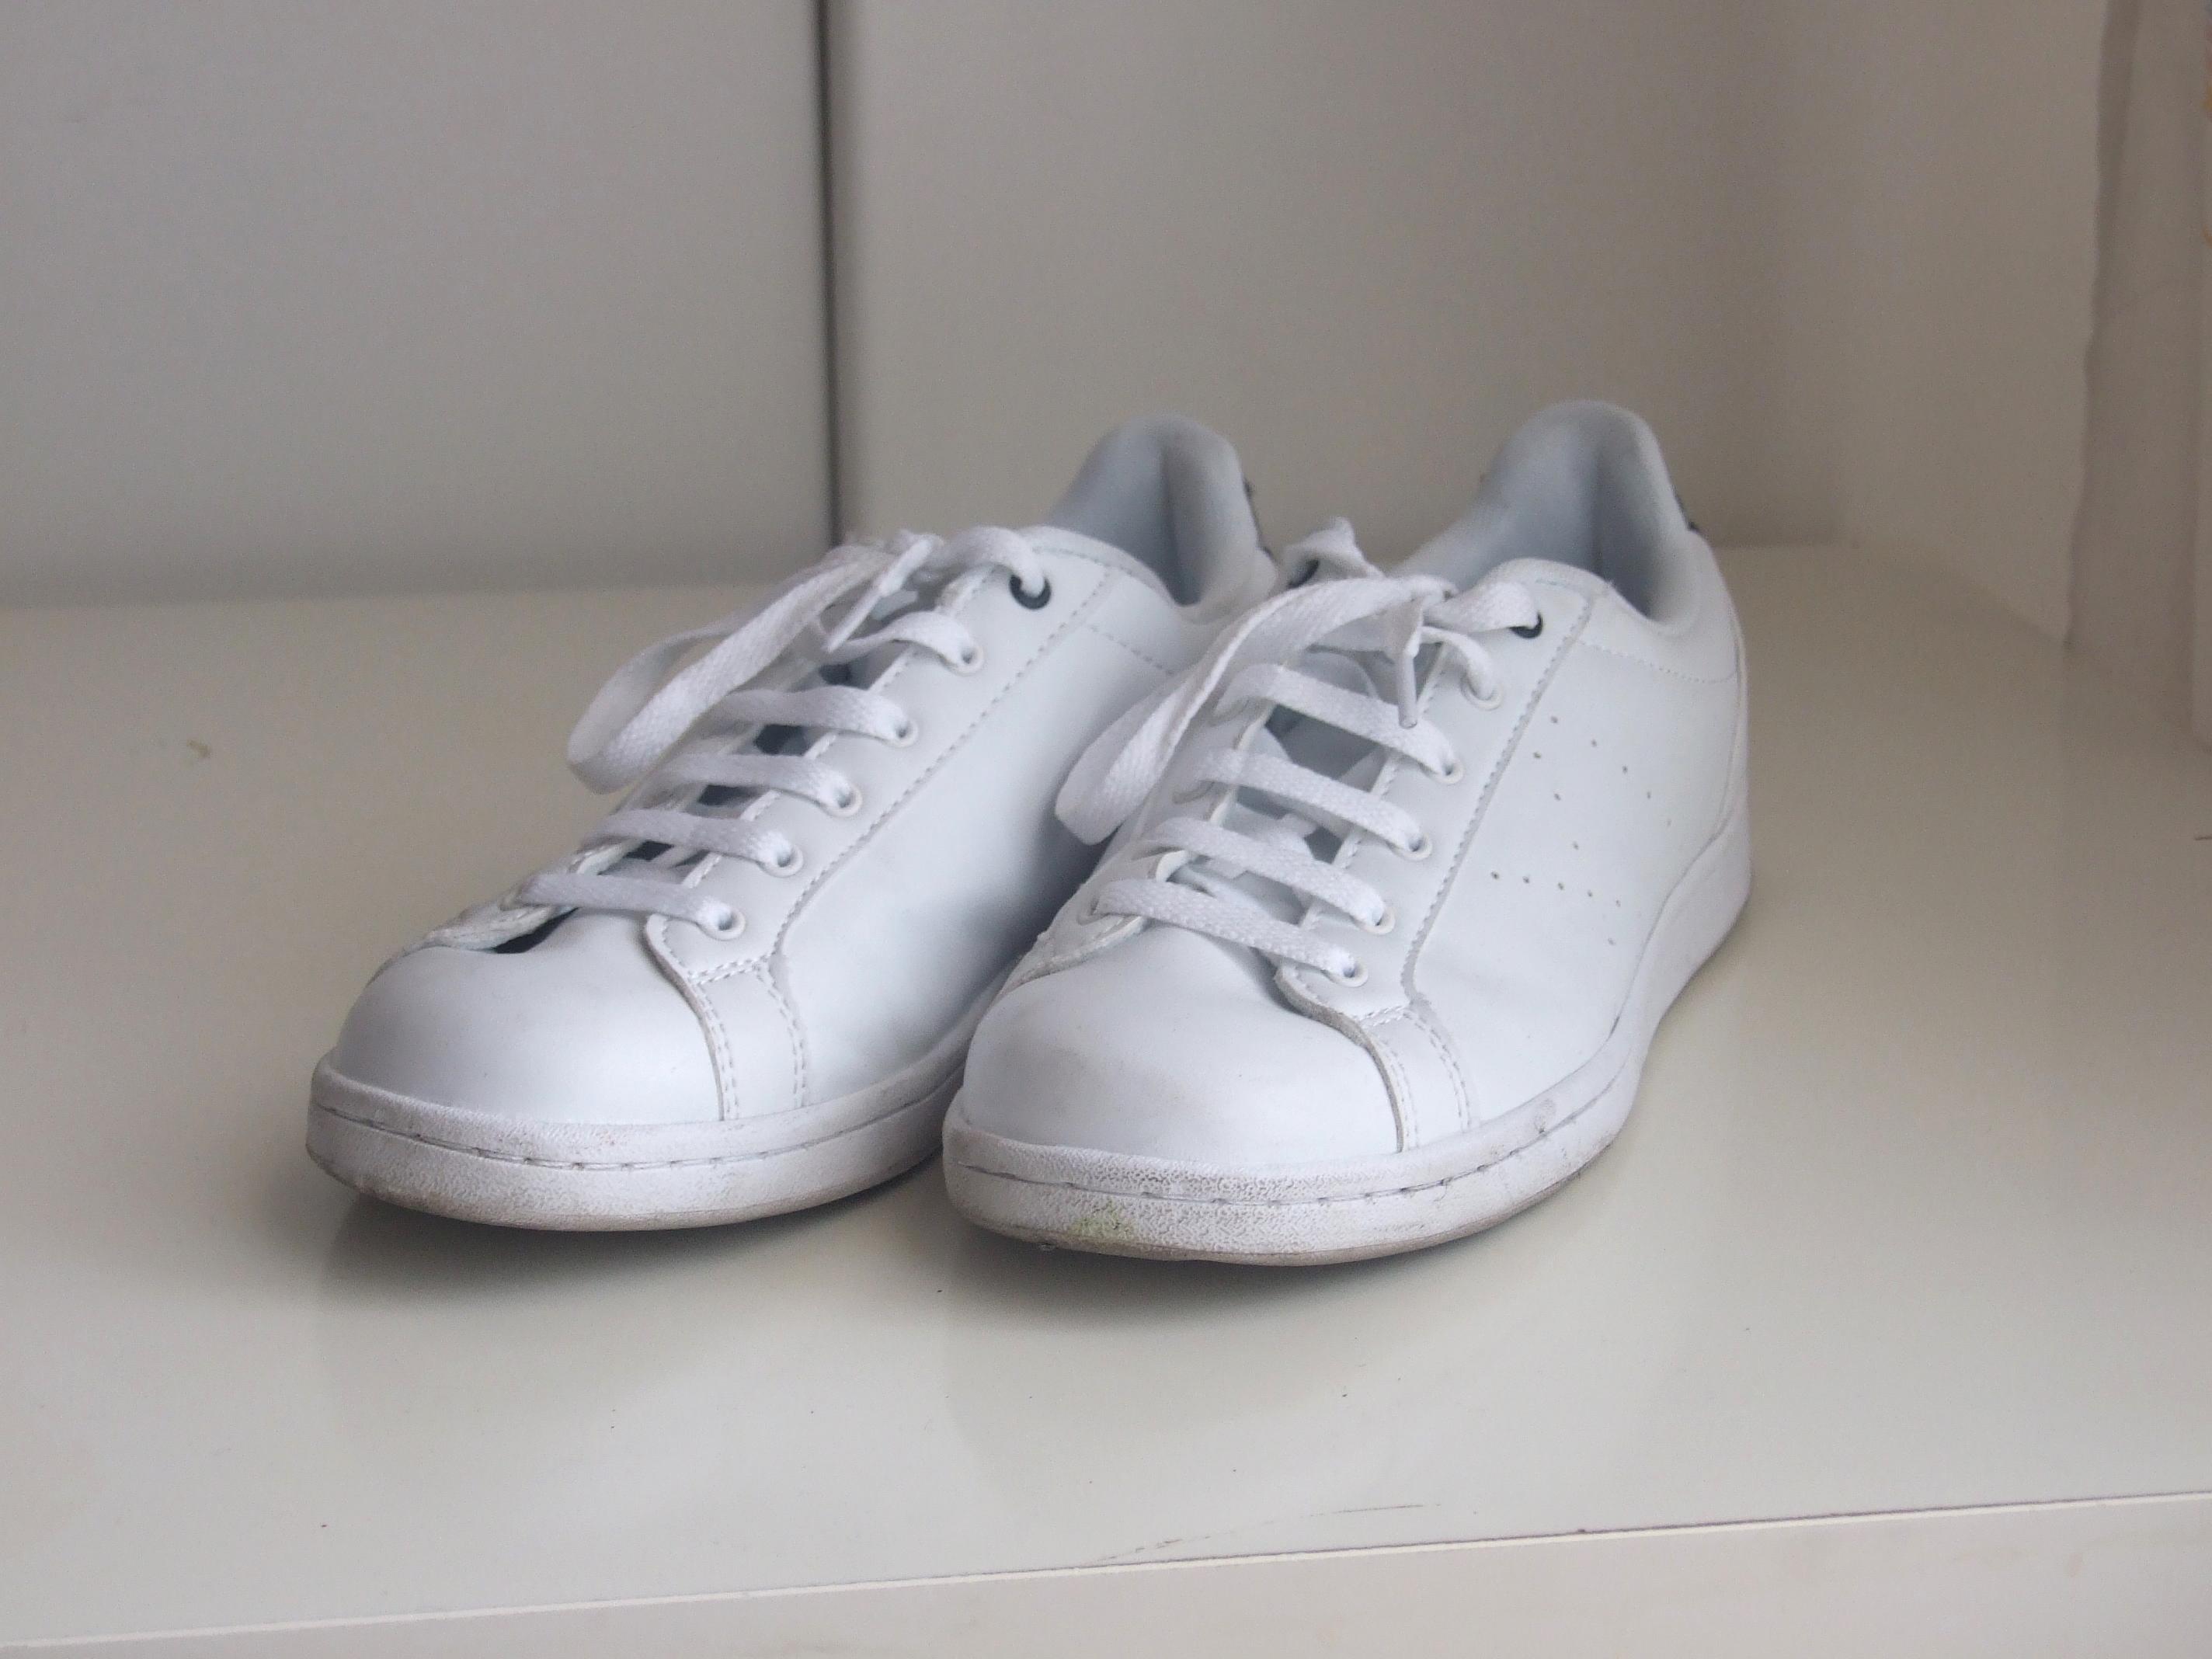 scarpe simil adidas